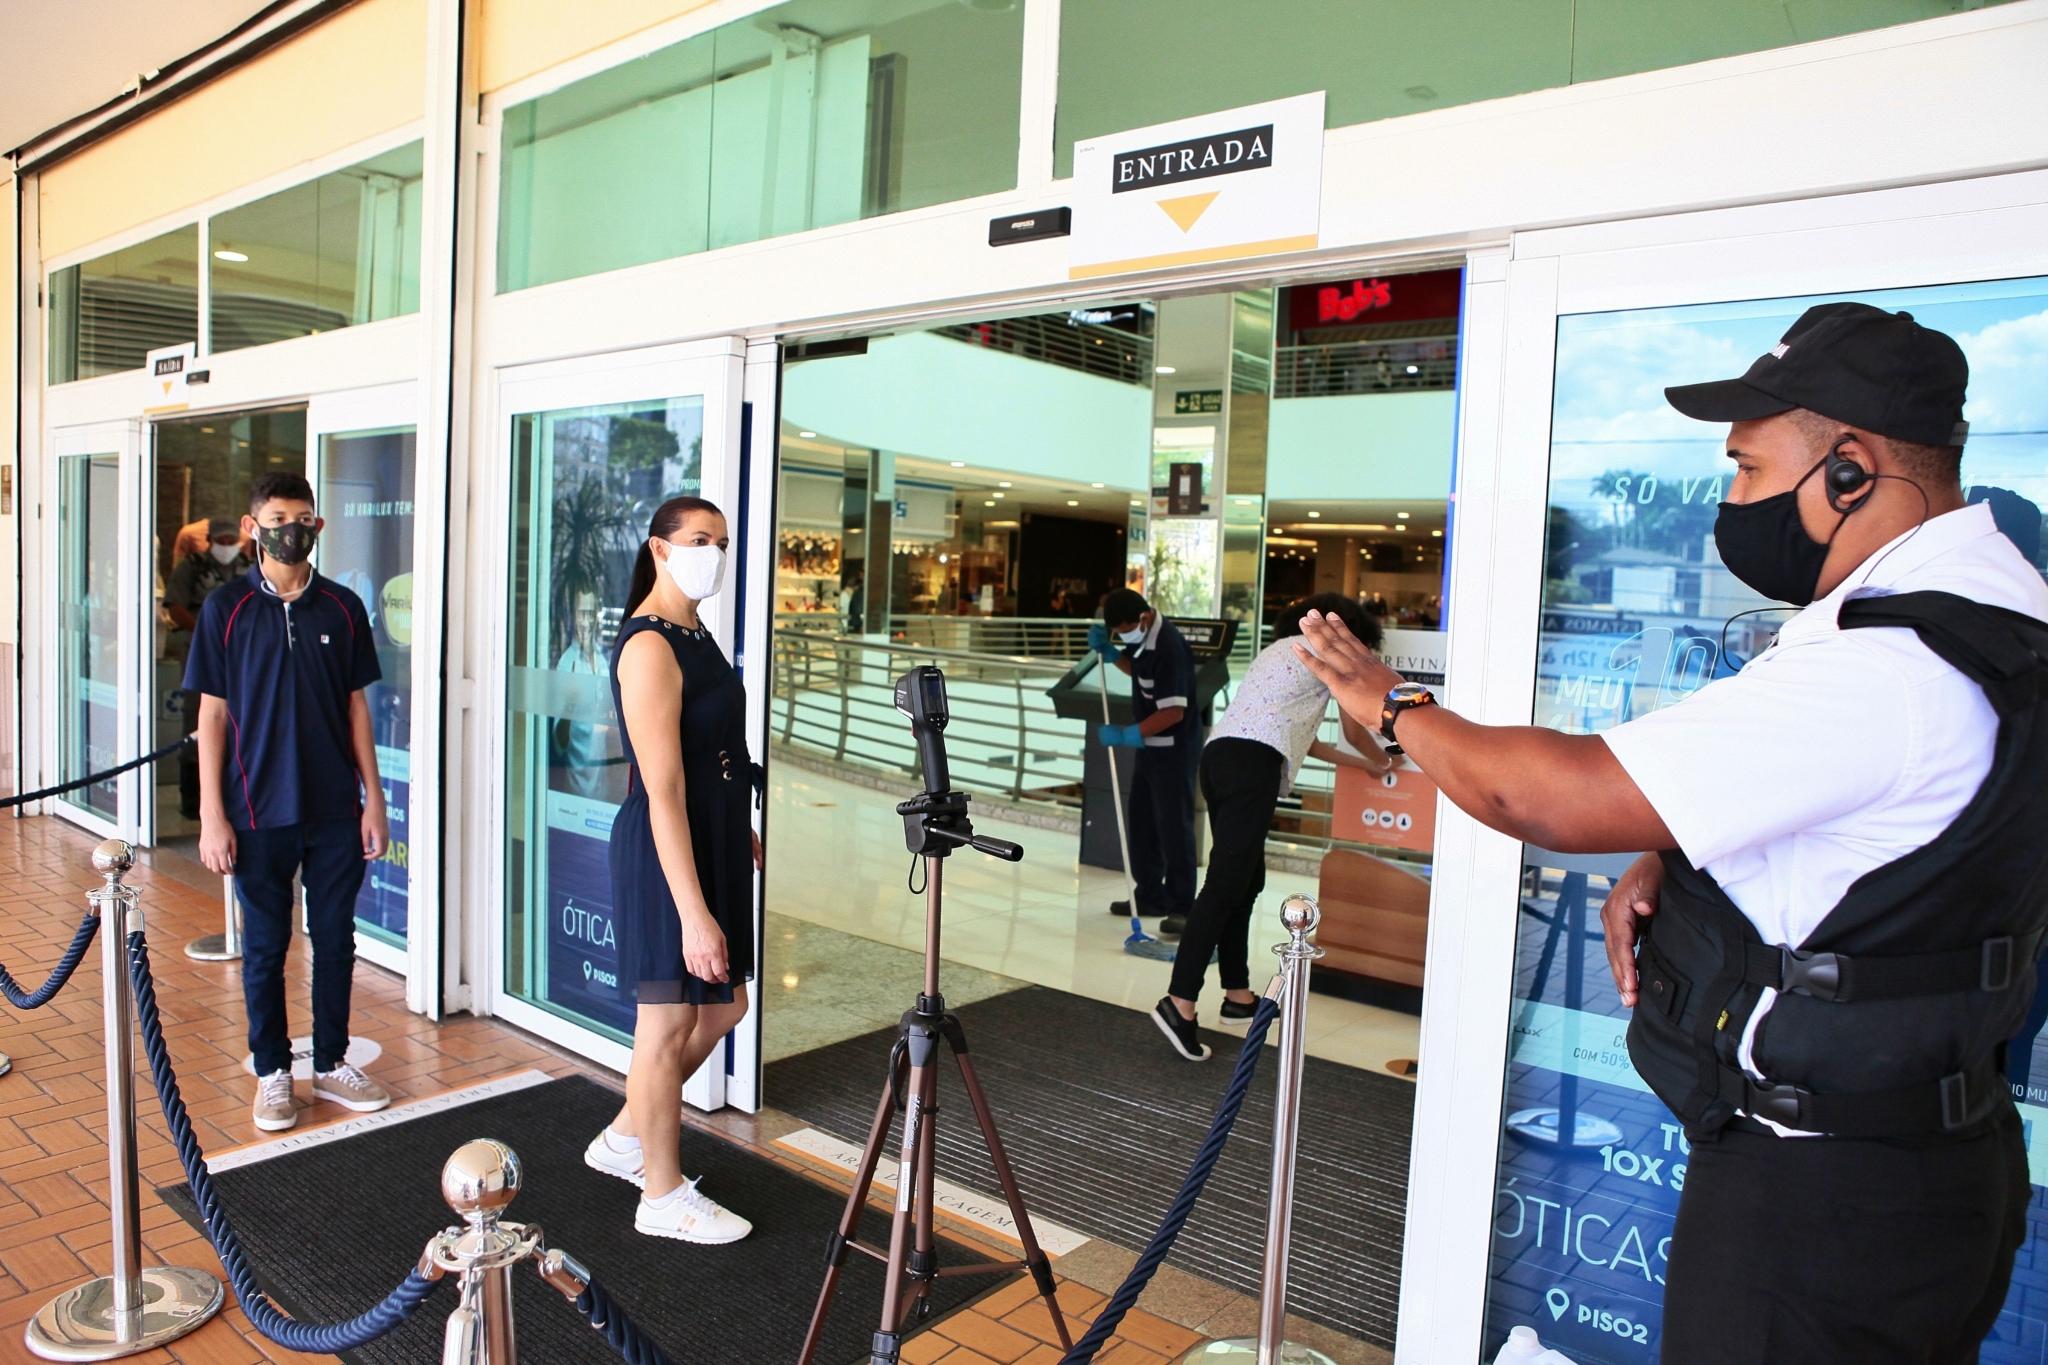 Wellington Peixoto defende liberação do acesso de crianças a shoppings centers